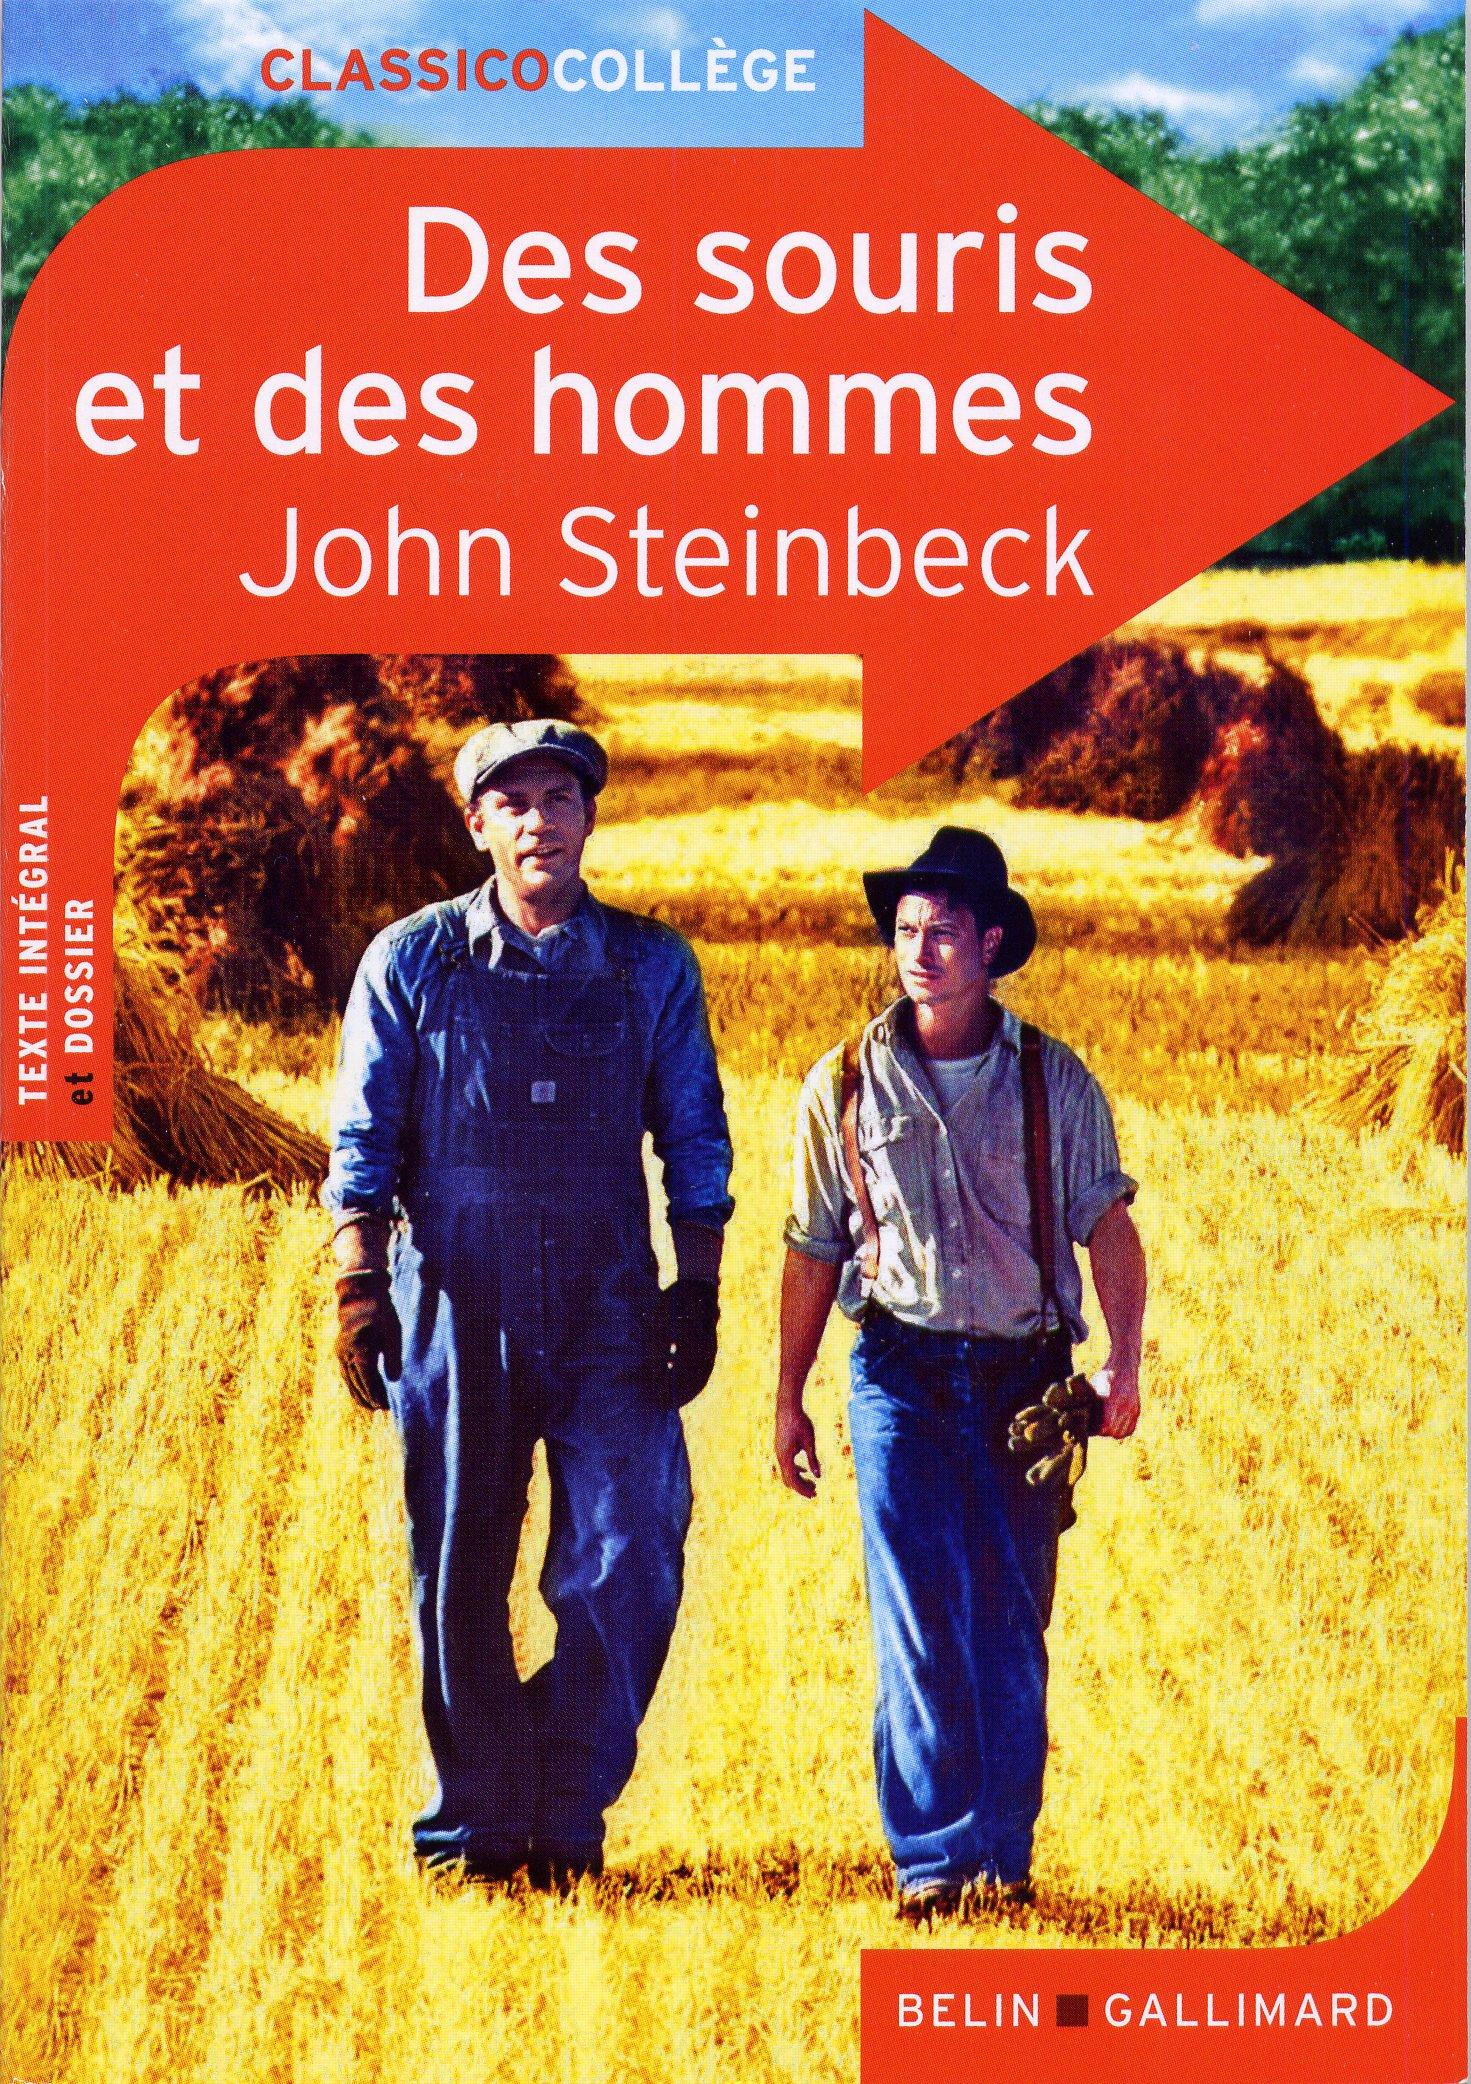 Des souris et des hommes, Steinbeck